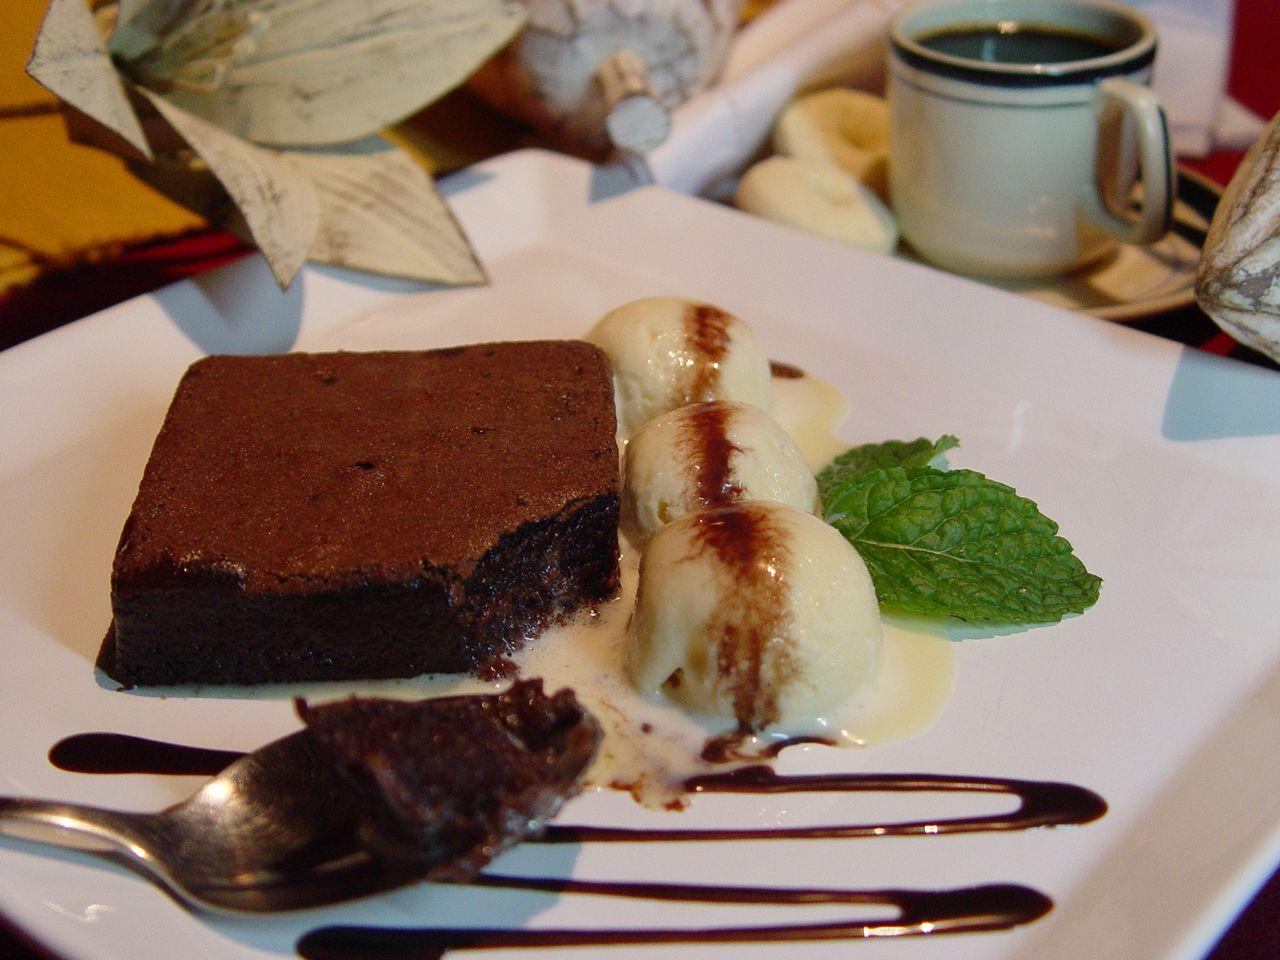 Čokoladni rjavčki